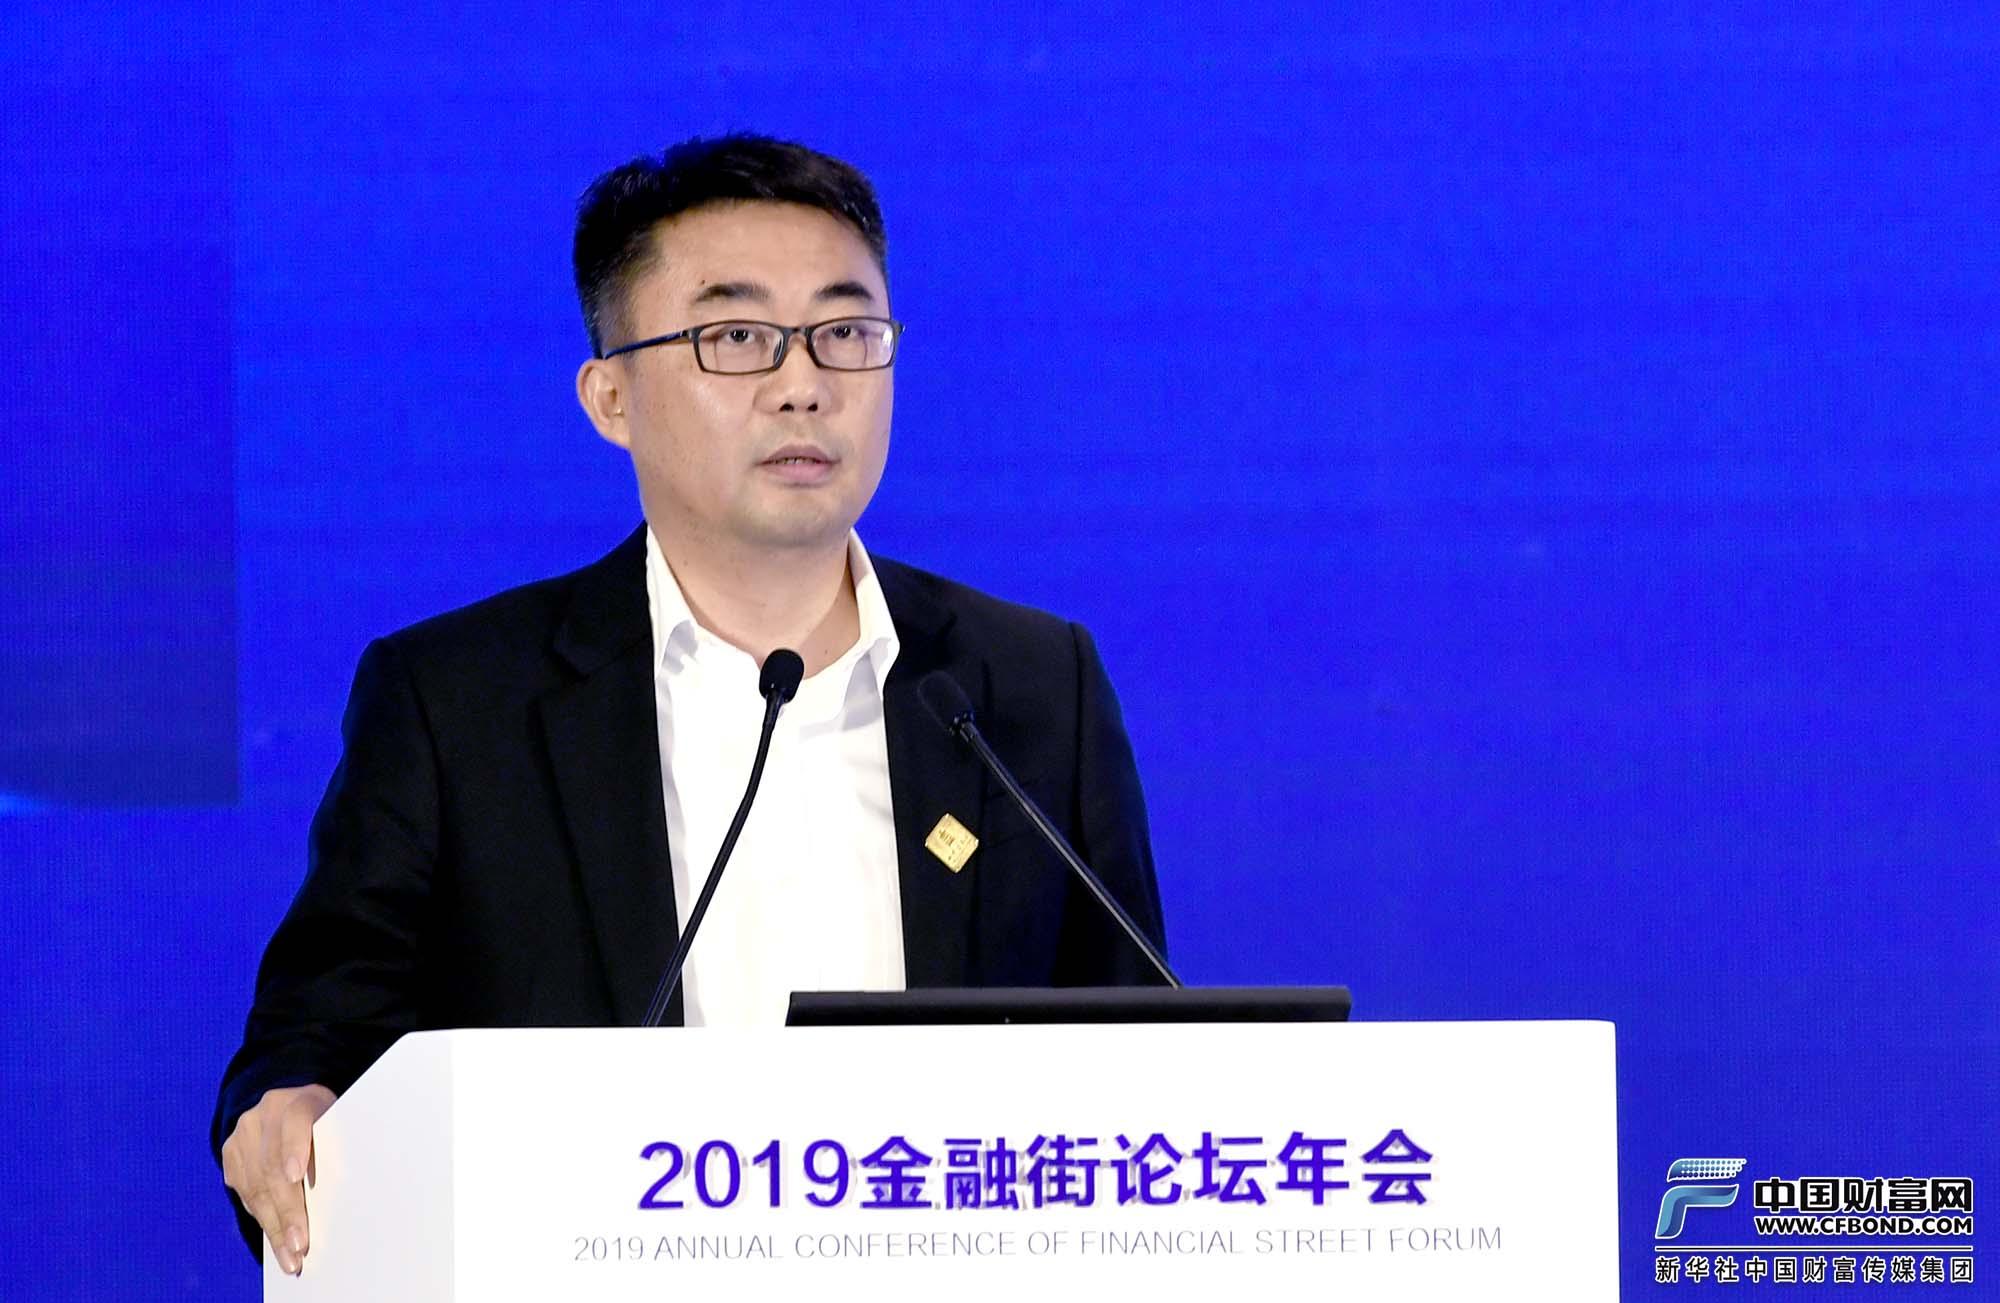 演讲嘉宾:北京金控集团董事长范文仲